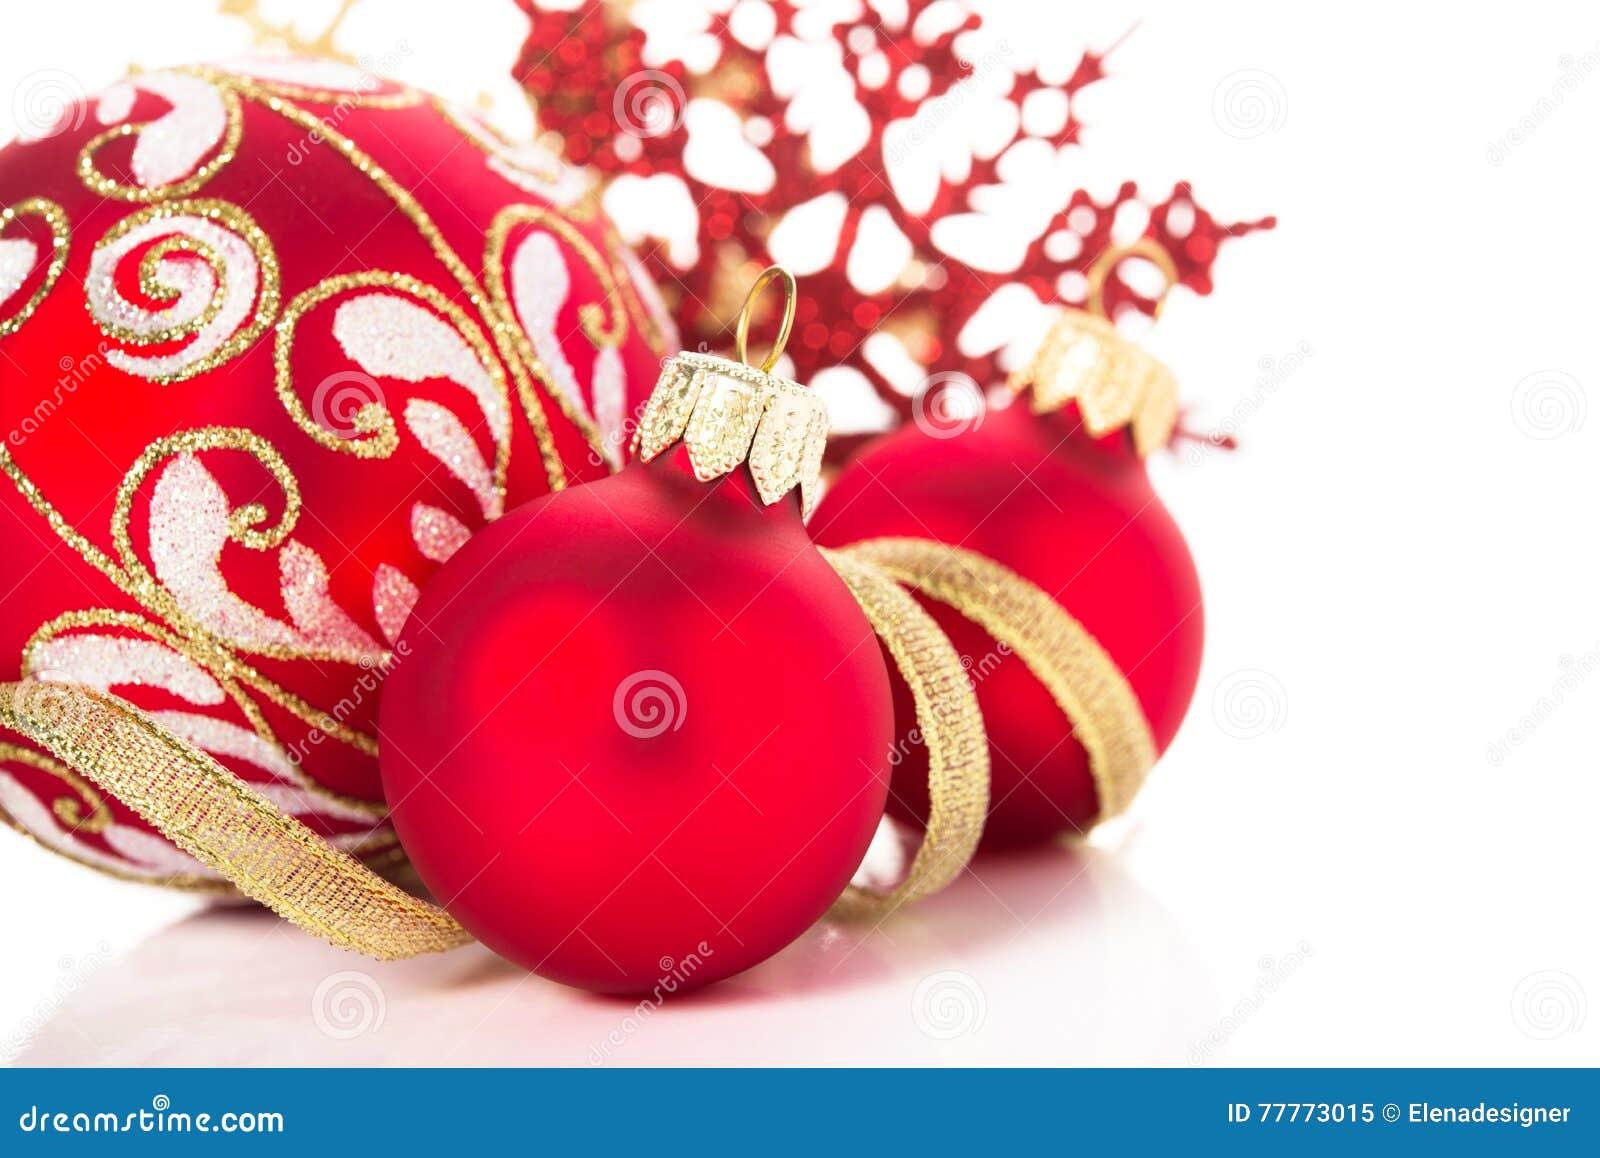 goldene und rote weihnachtsverzierungen auf wei em. Black Bedroom Furniture Sets. Home Design Ideas